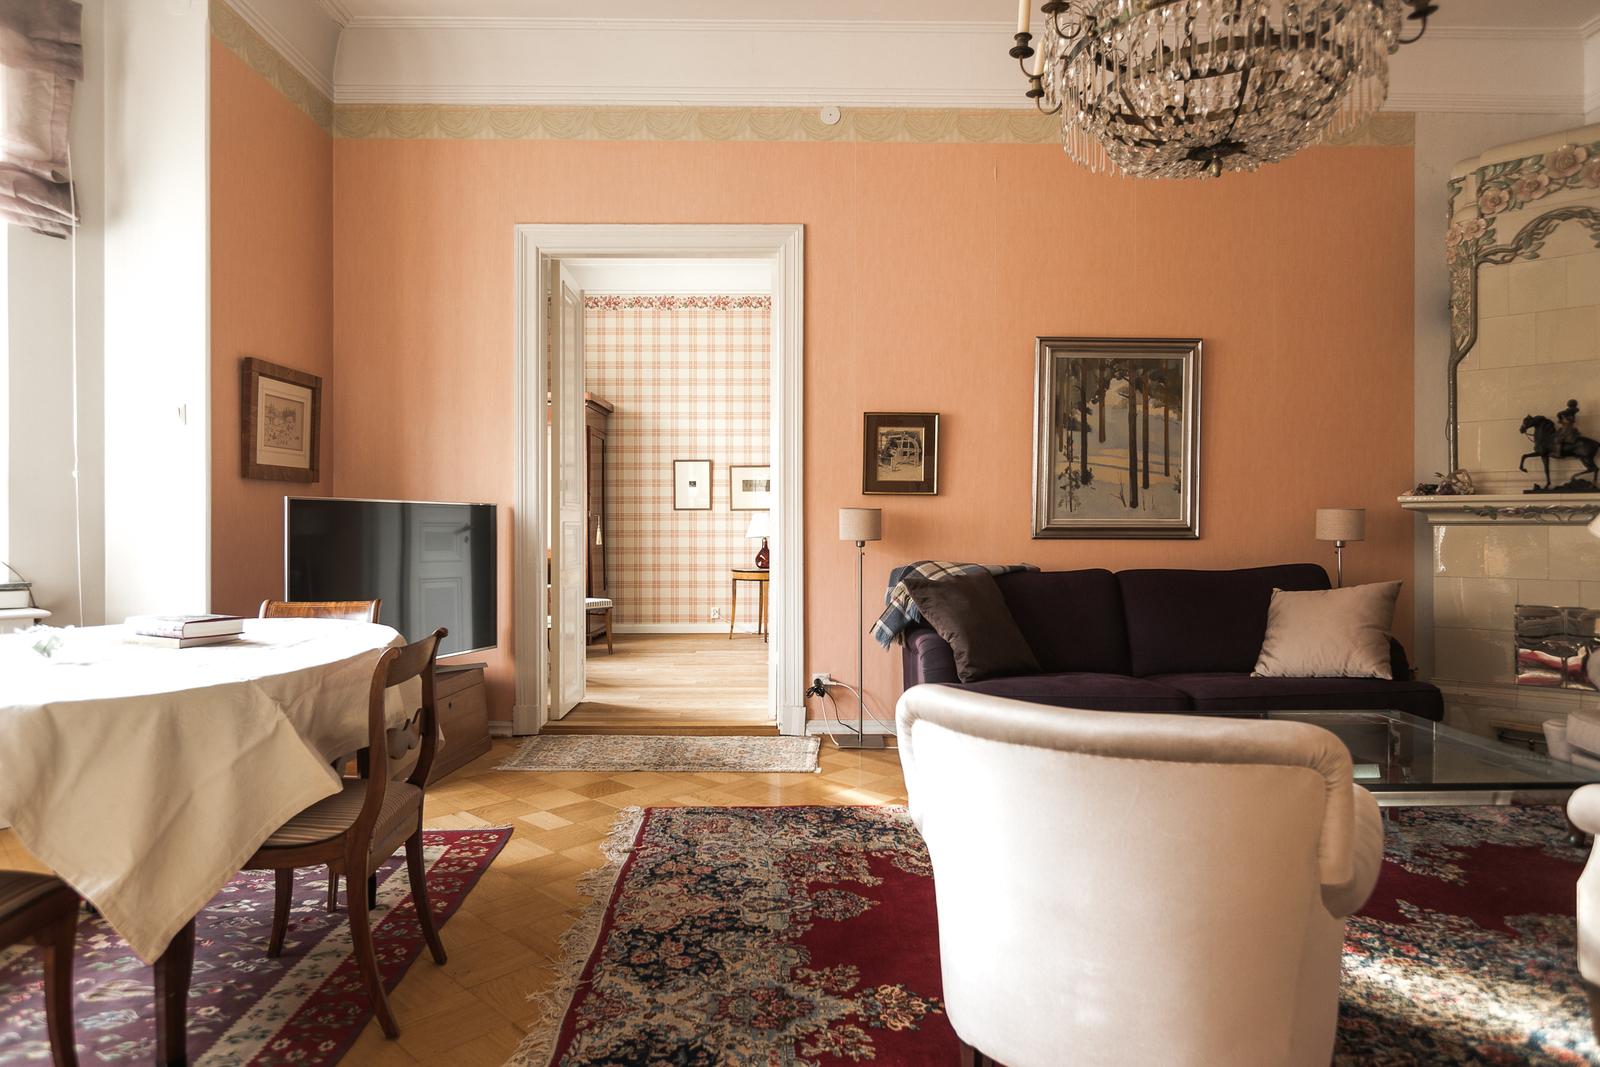 Ison olohuoneen kruunaa kaunis kaakeliuuni, joita asunnossa on kolme kappaletta. title=